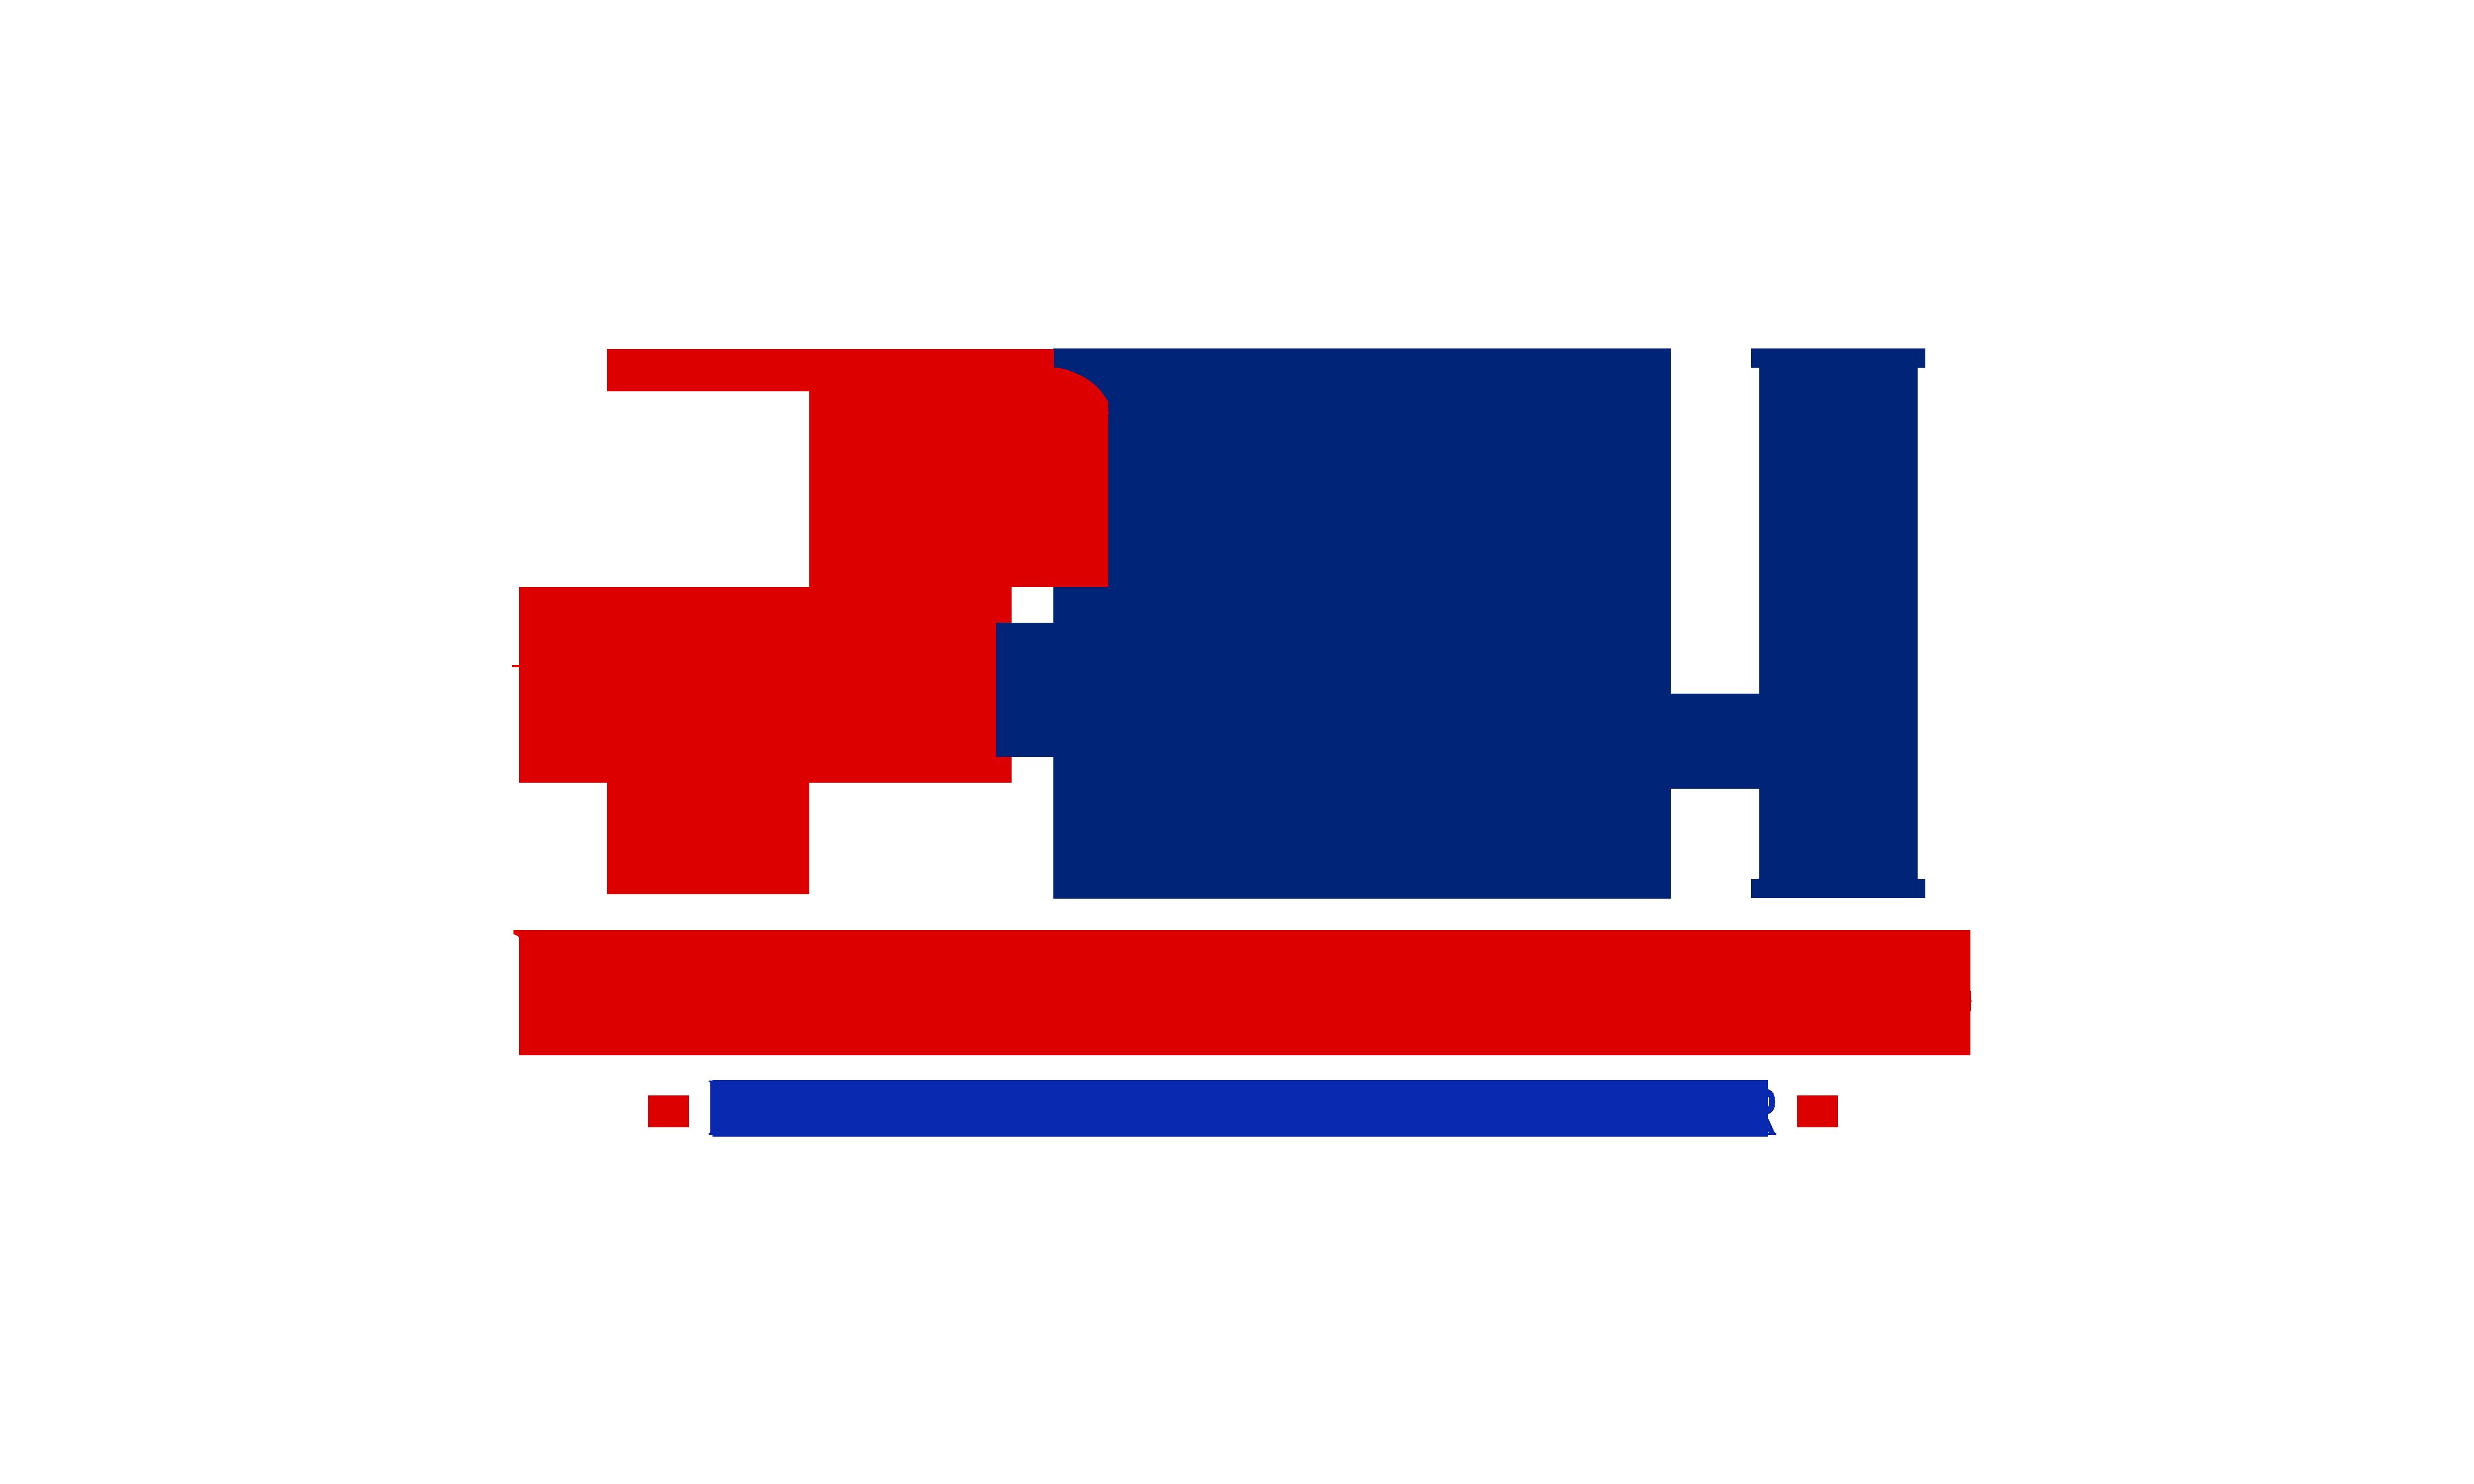 Yorixela Hurtado